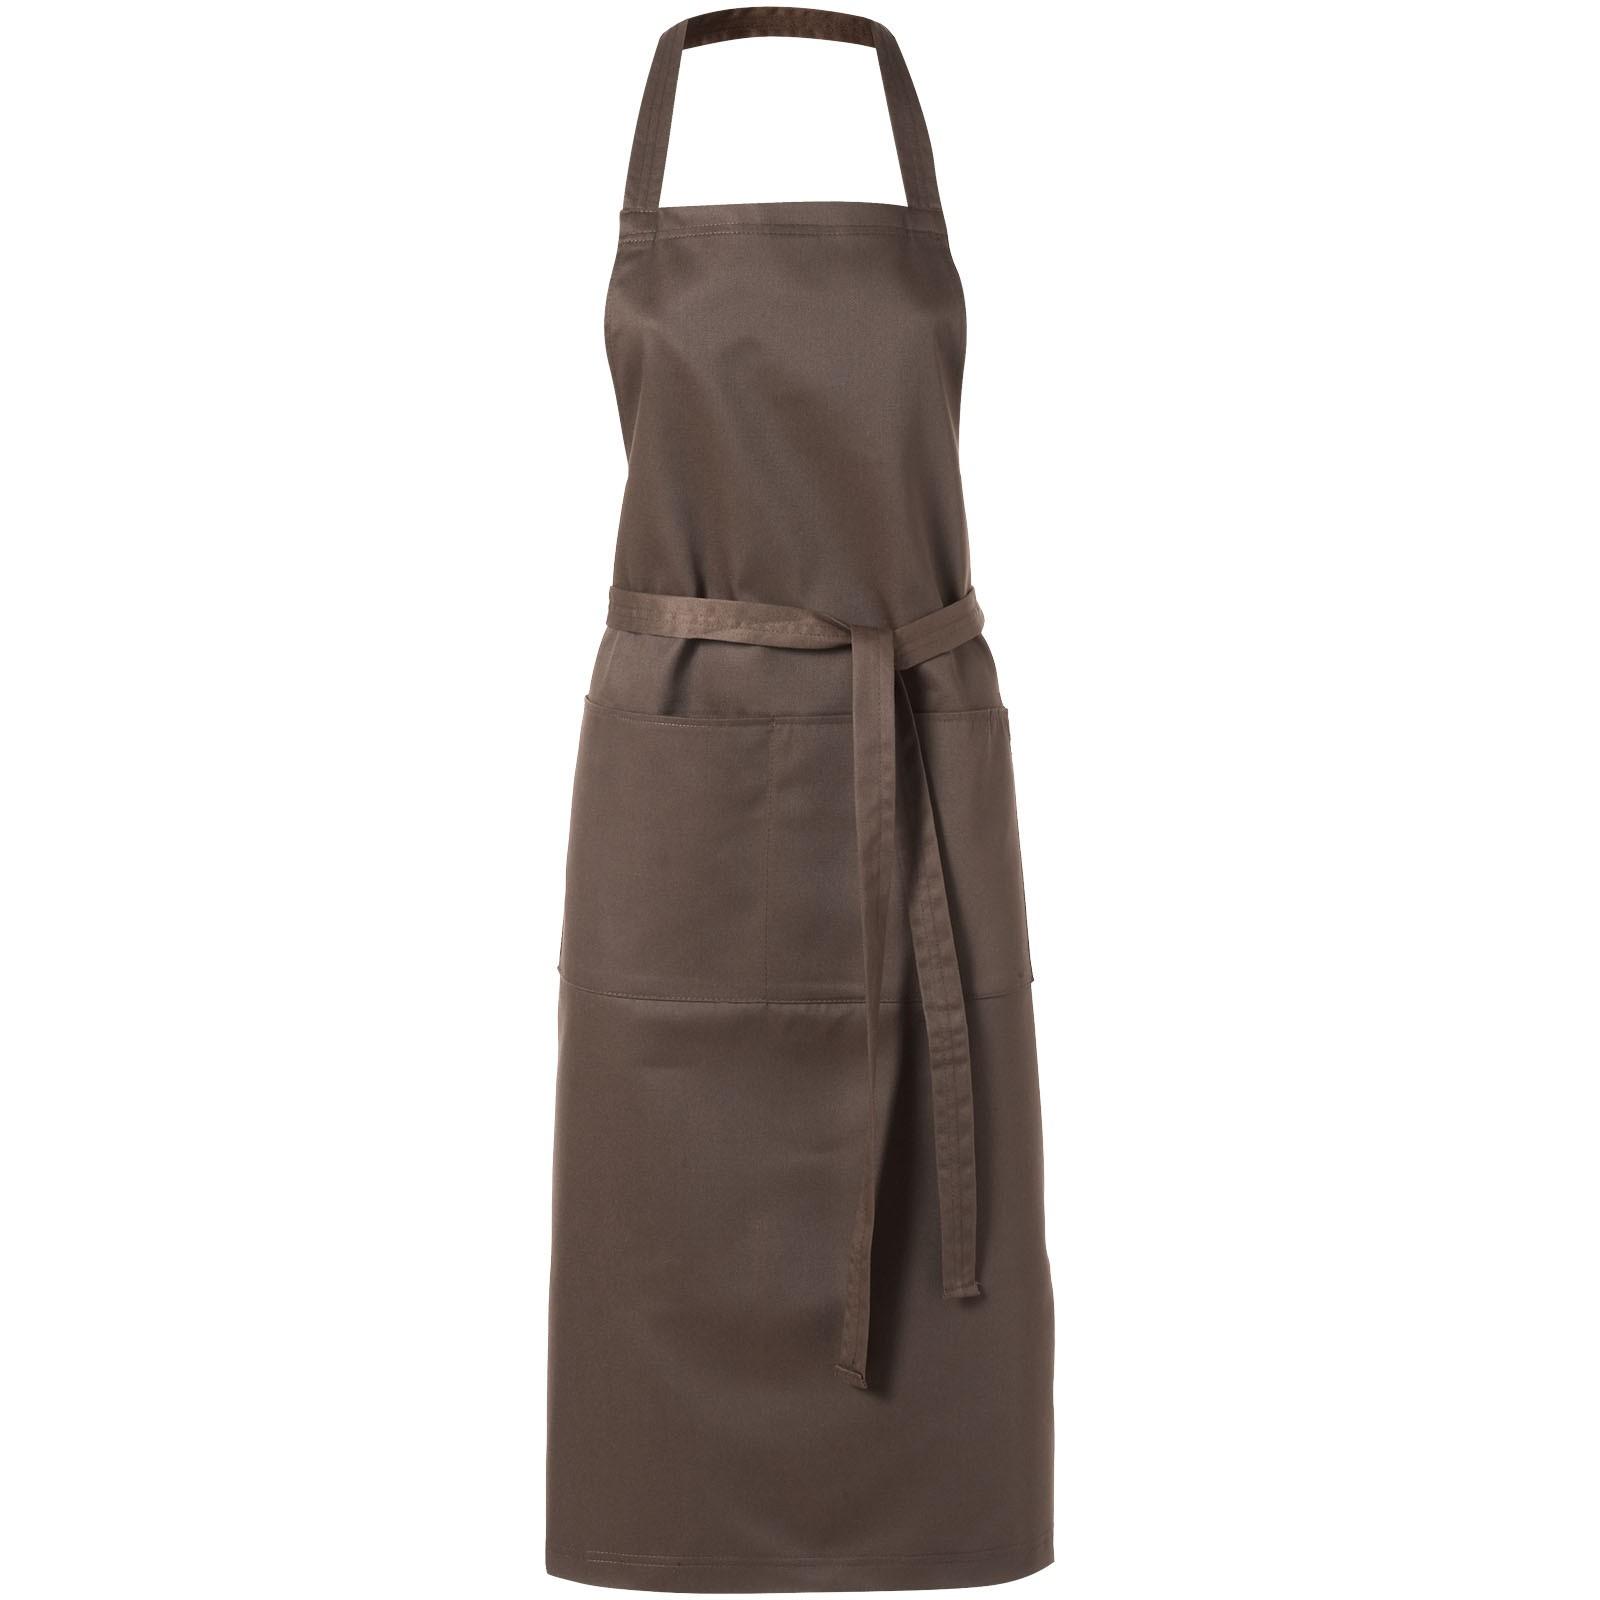 Viera Schürze mit 2 Taschen - Braun